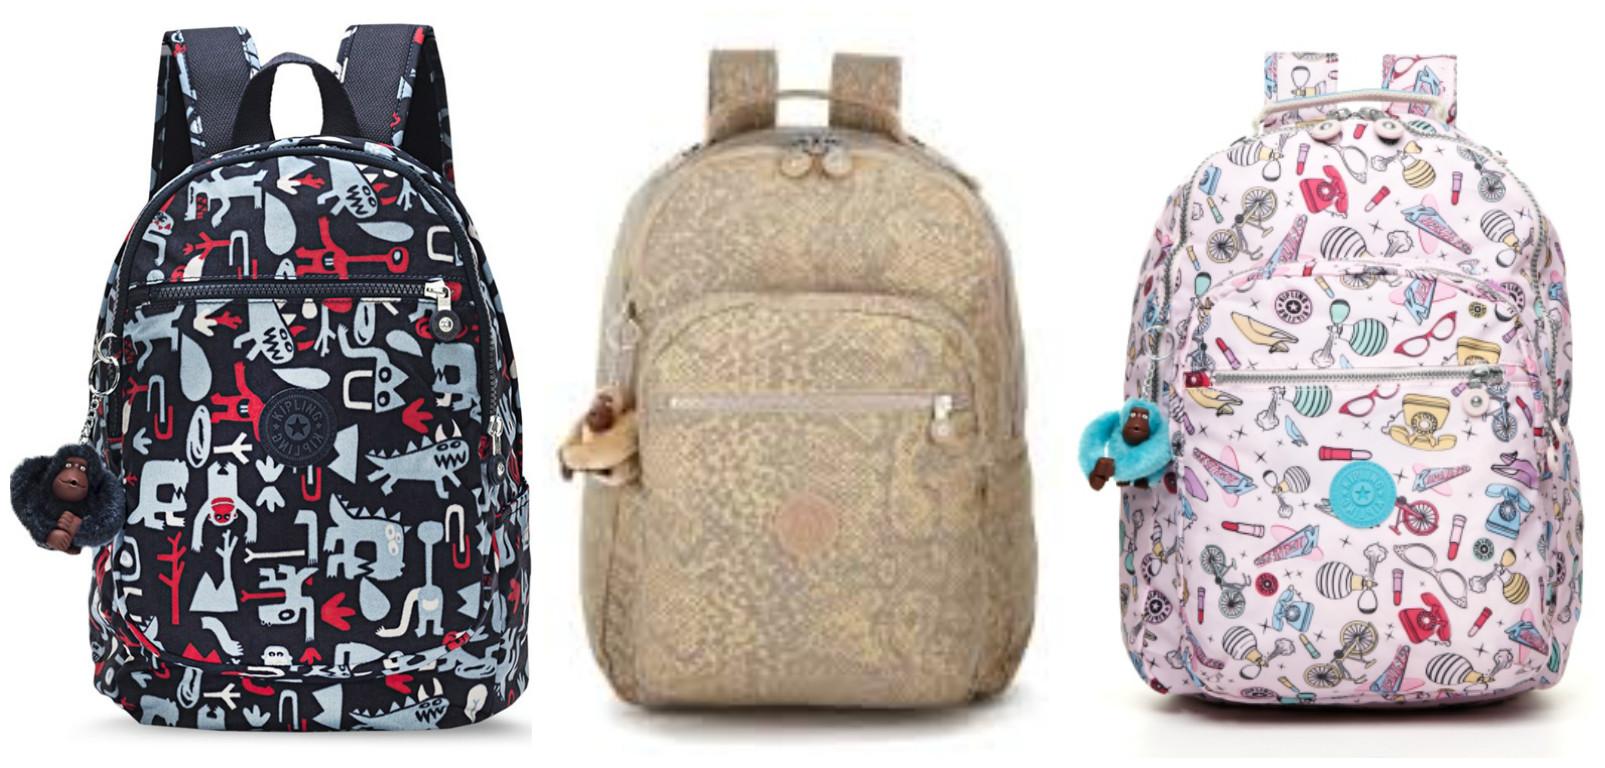 mochilas da kipling mãe de menino